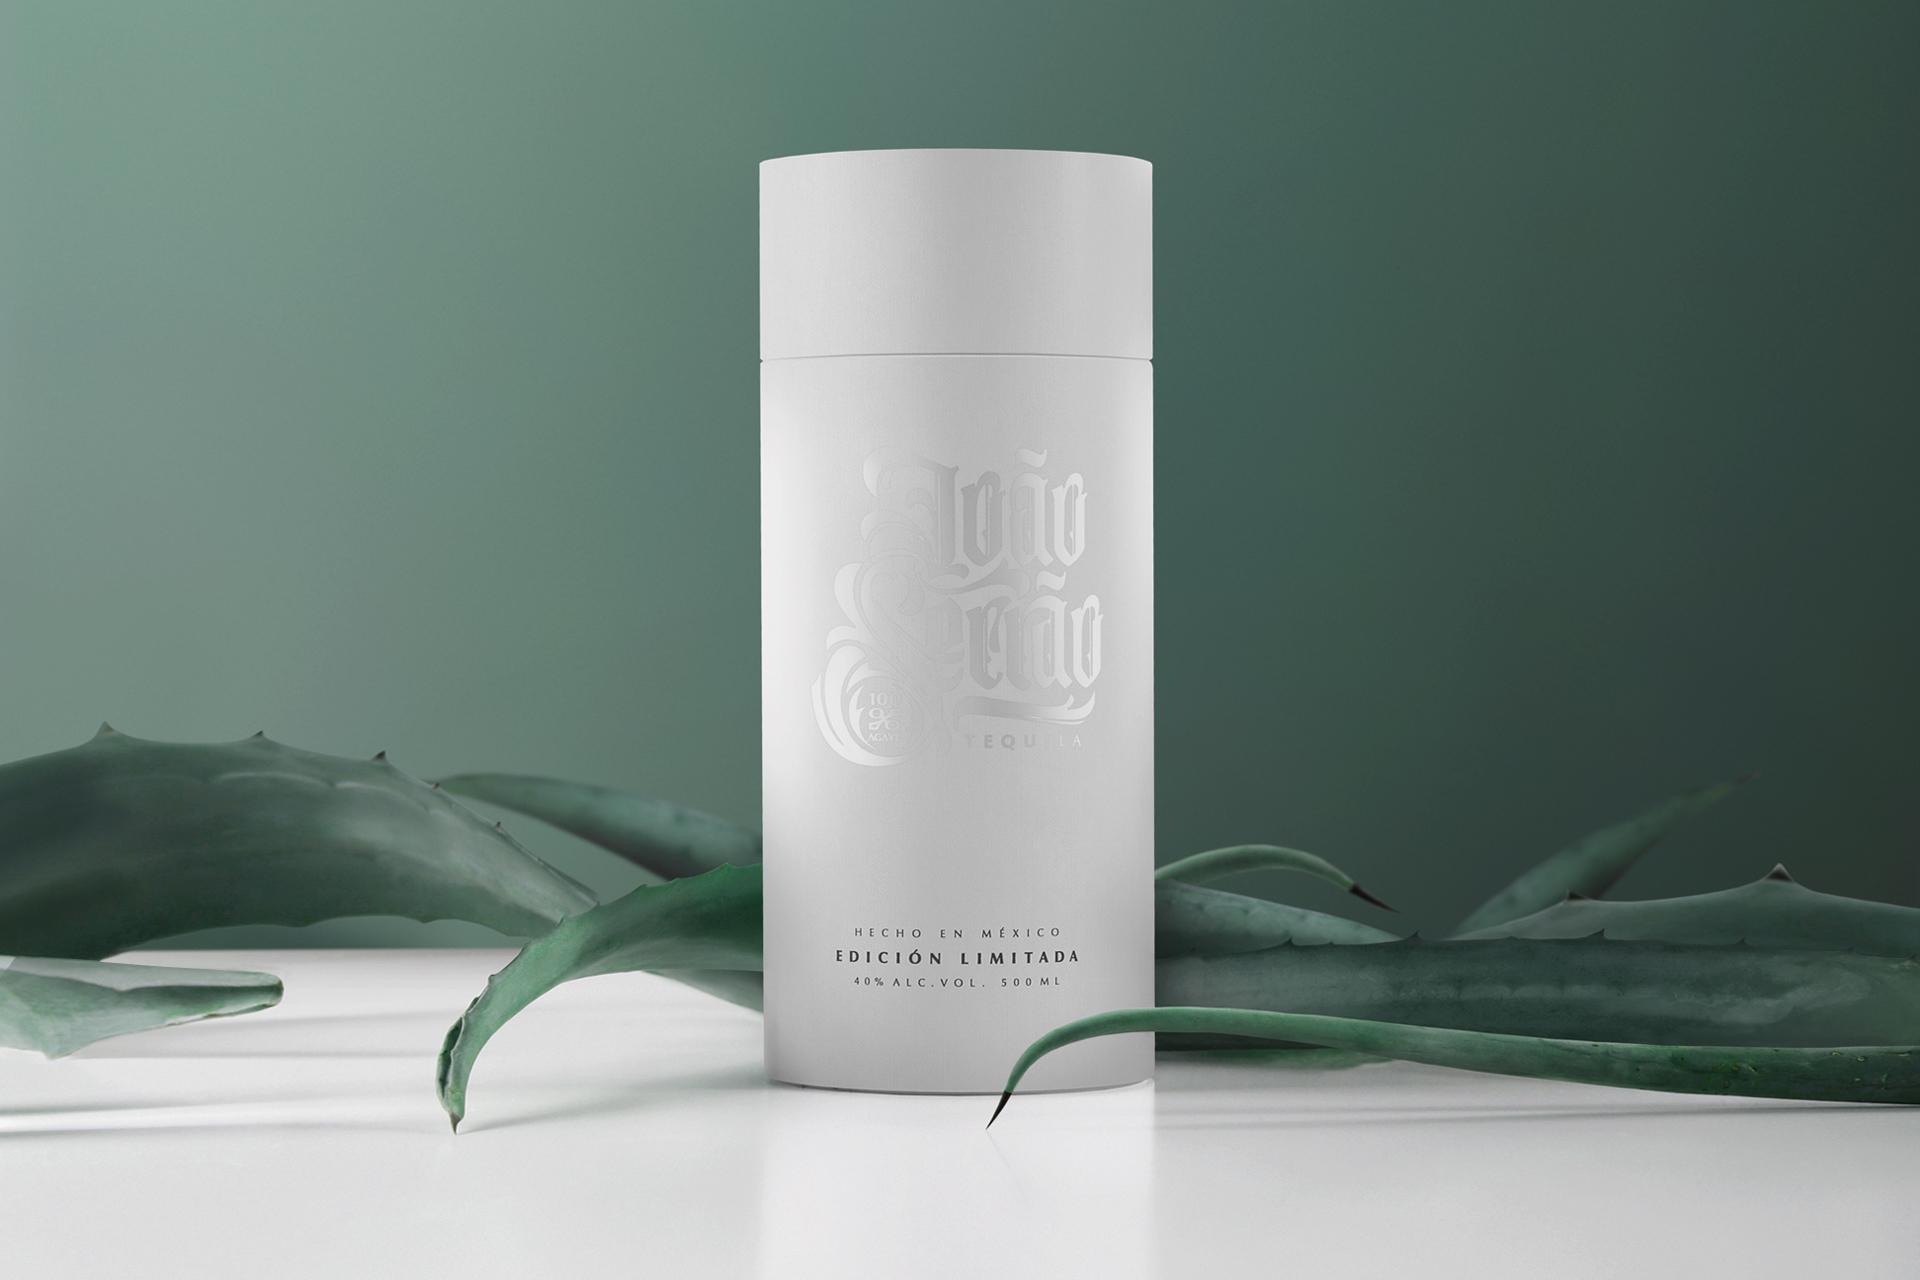 Joao Serrao Package Design